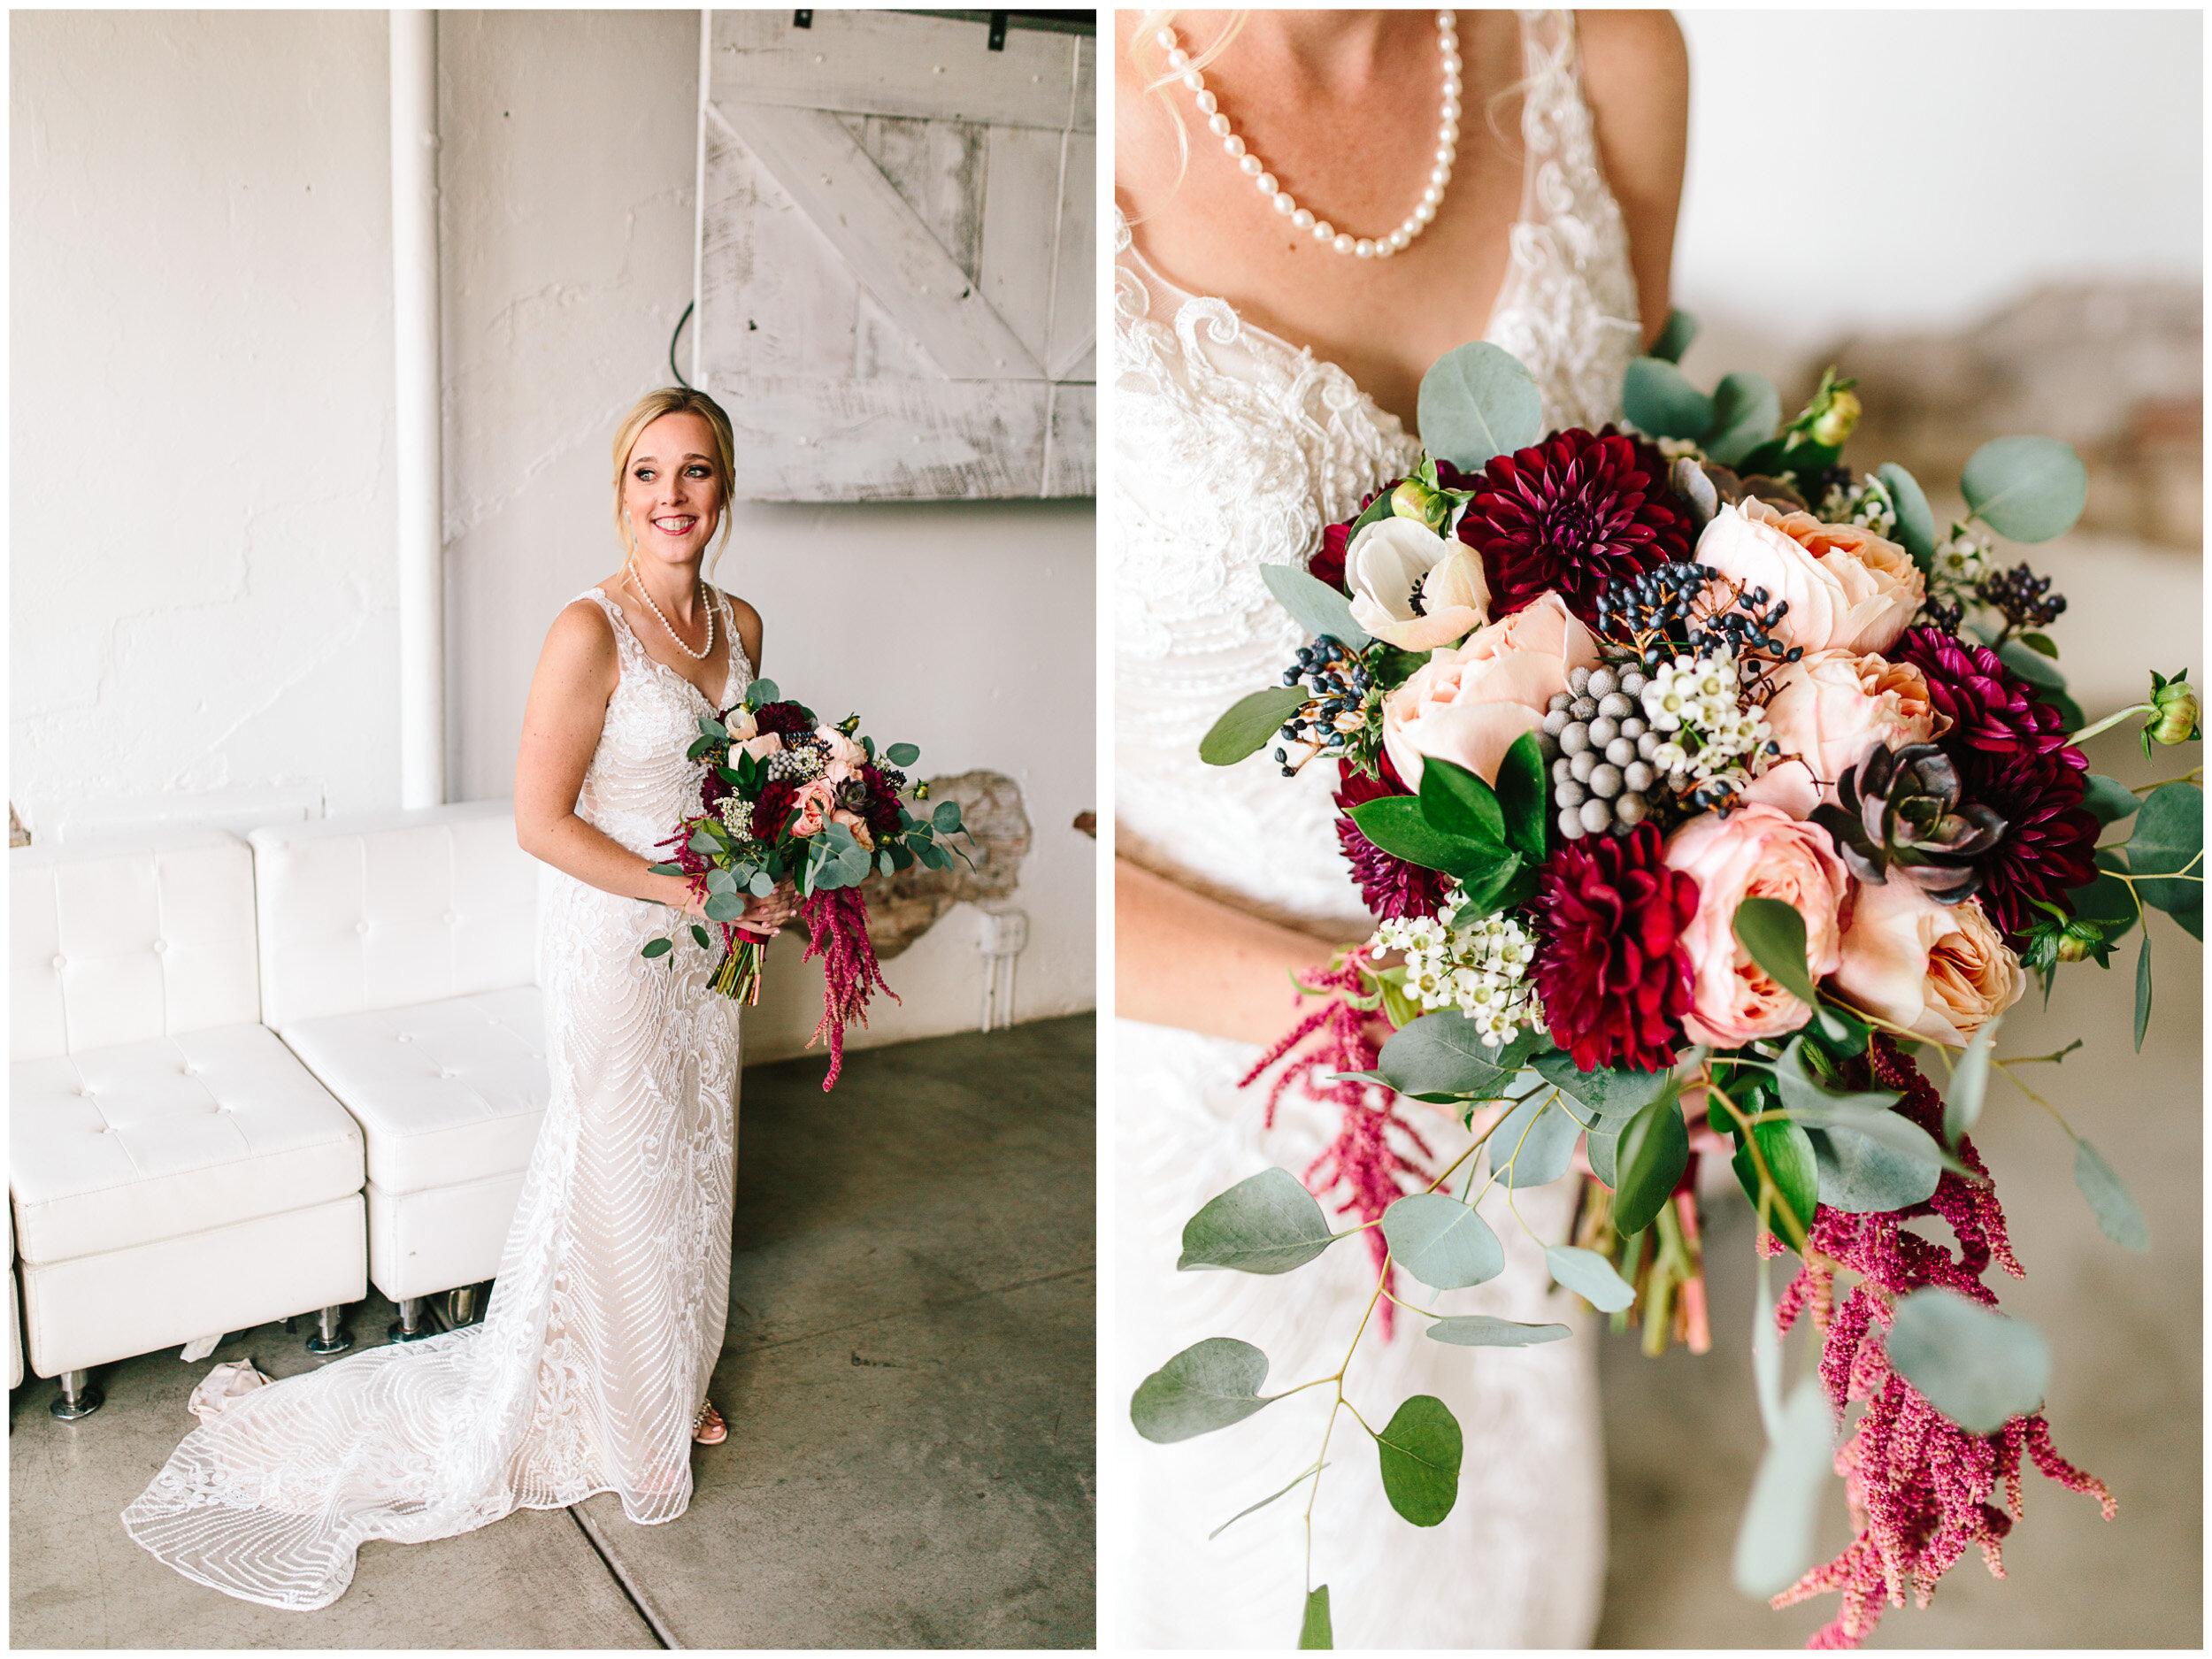 Blanc_Denver_Wedding_18.jpg